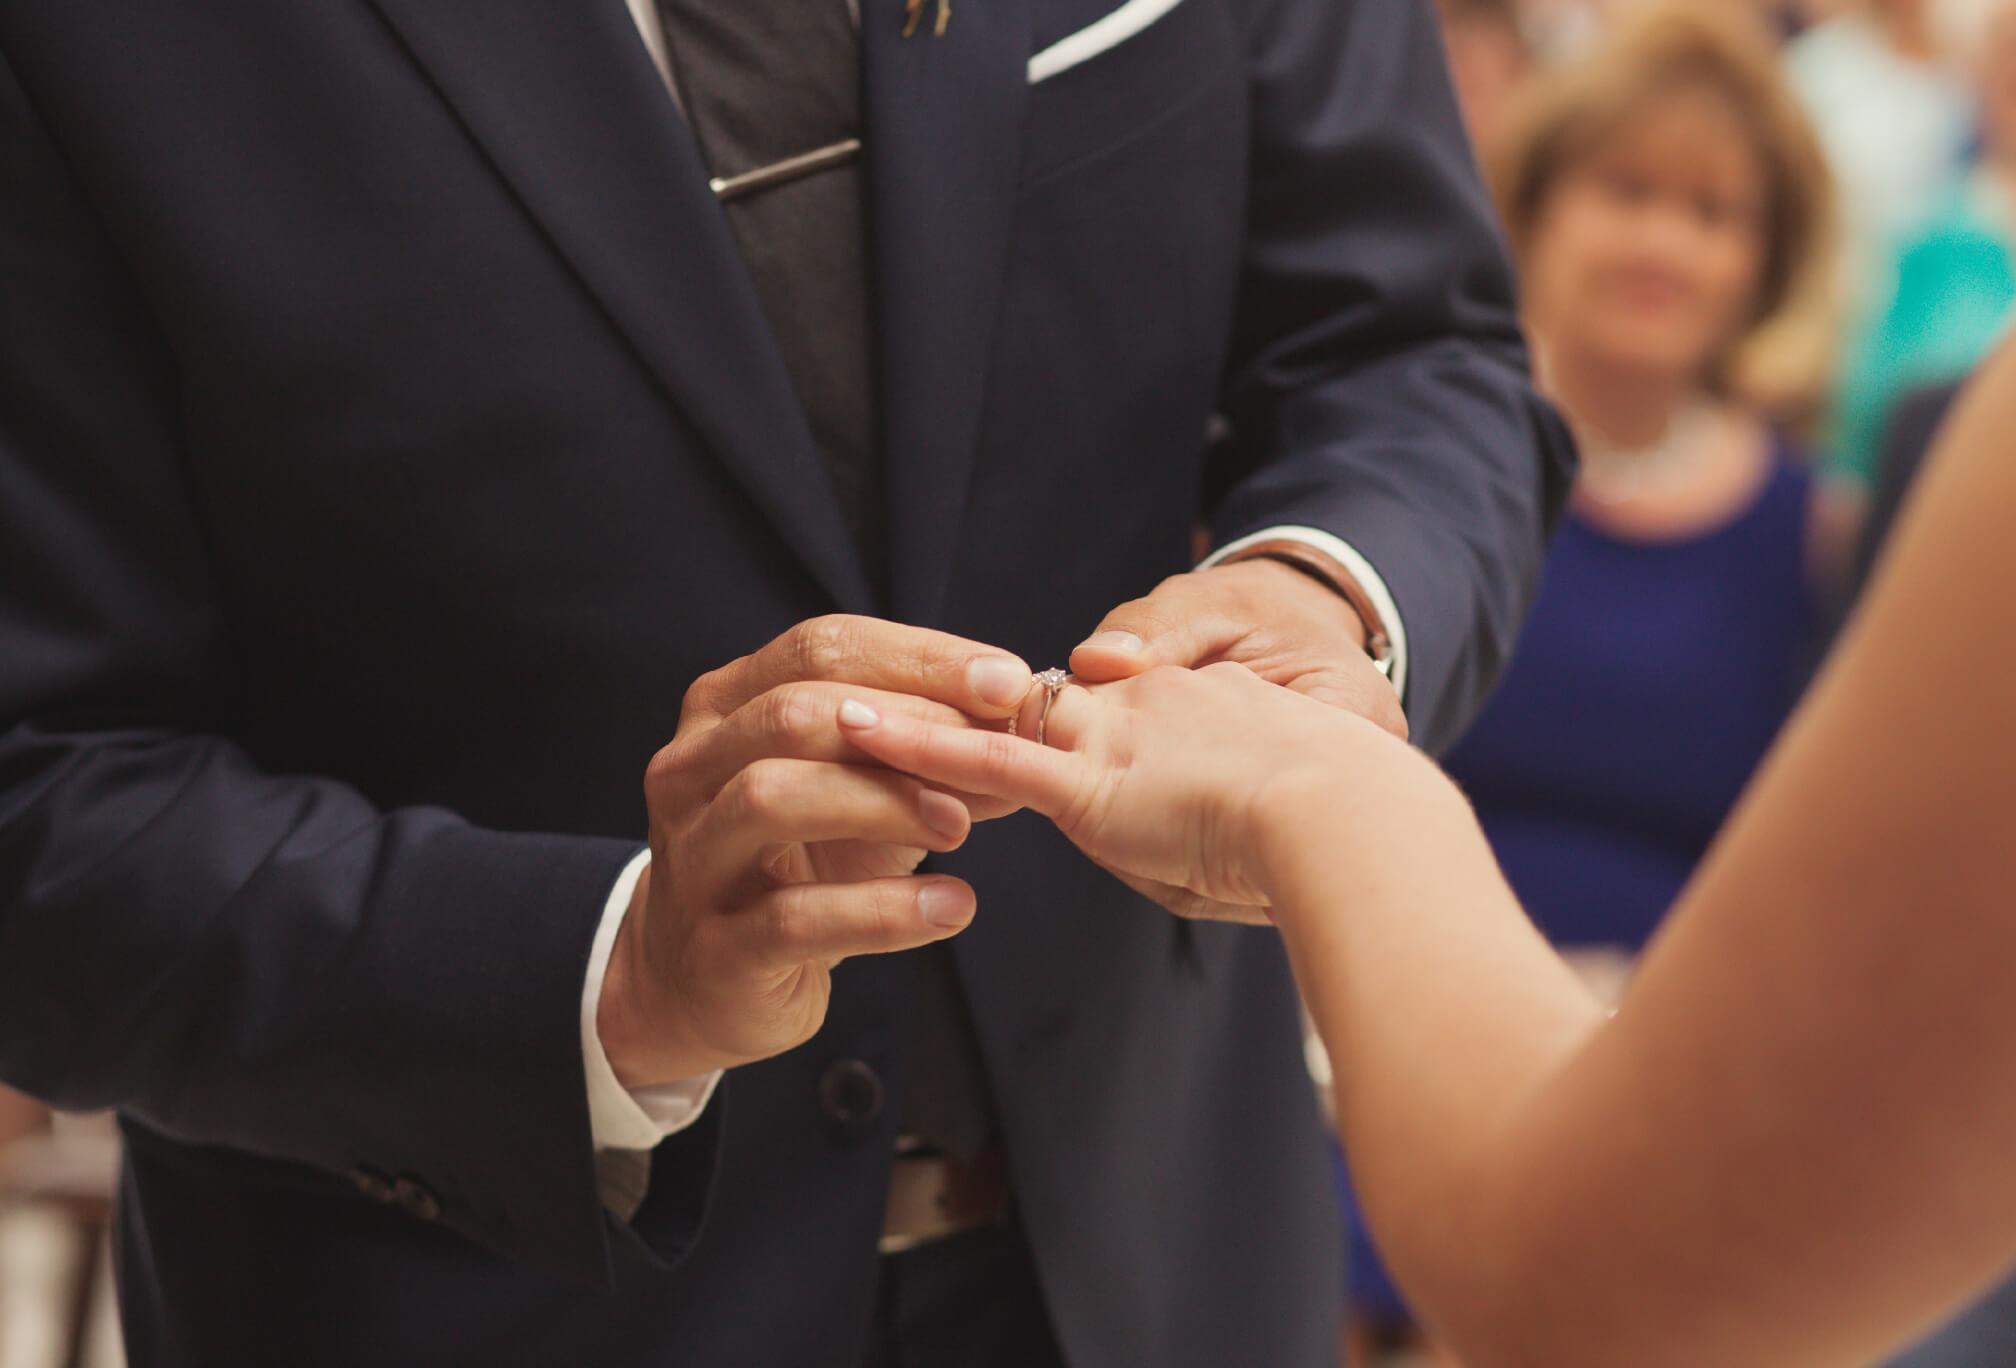 ring exchange photos